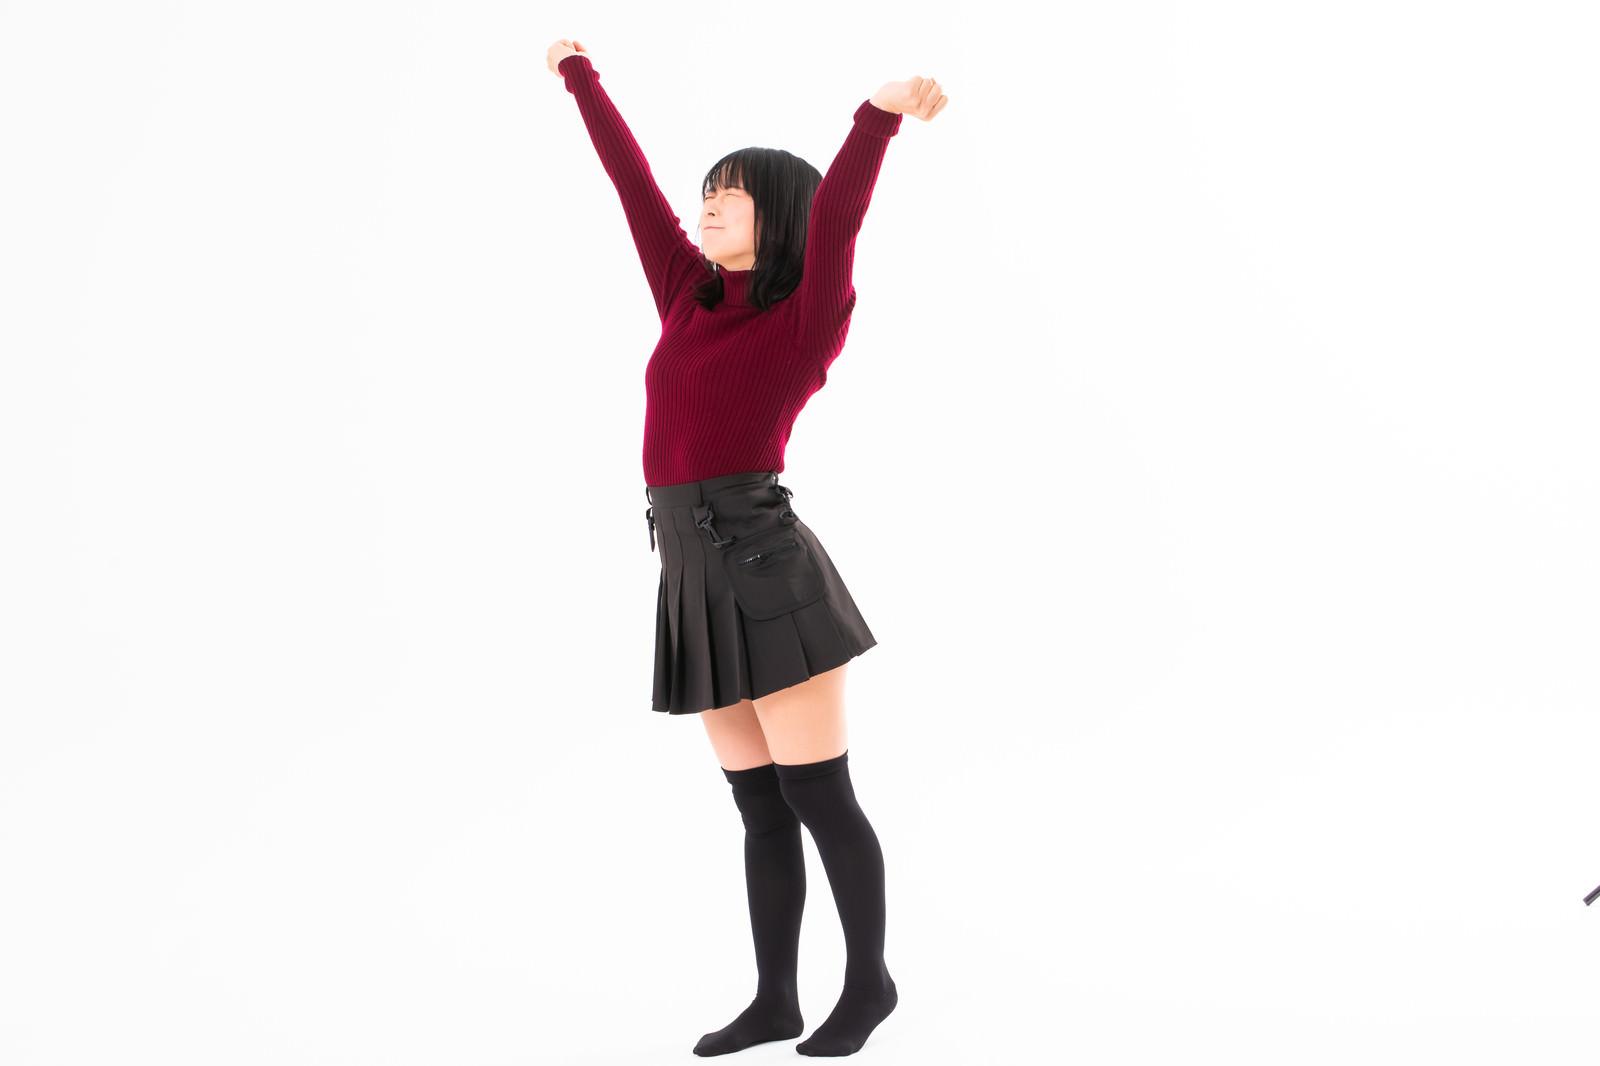 「両手を伸ばして背伸びする女性」の写真[モデル:にゃるる]